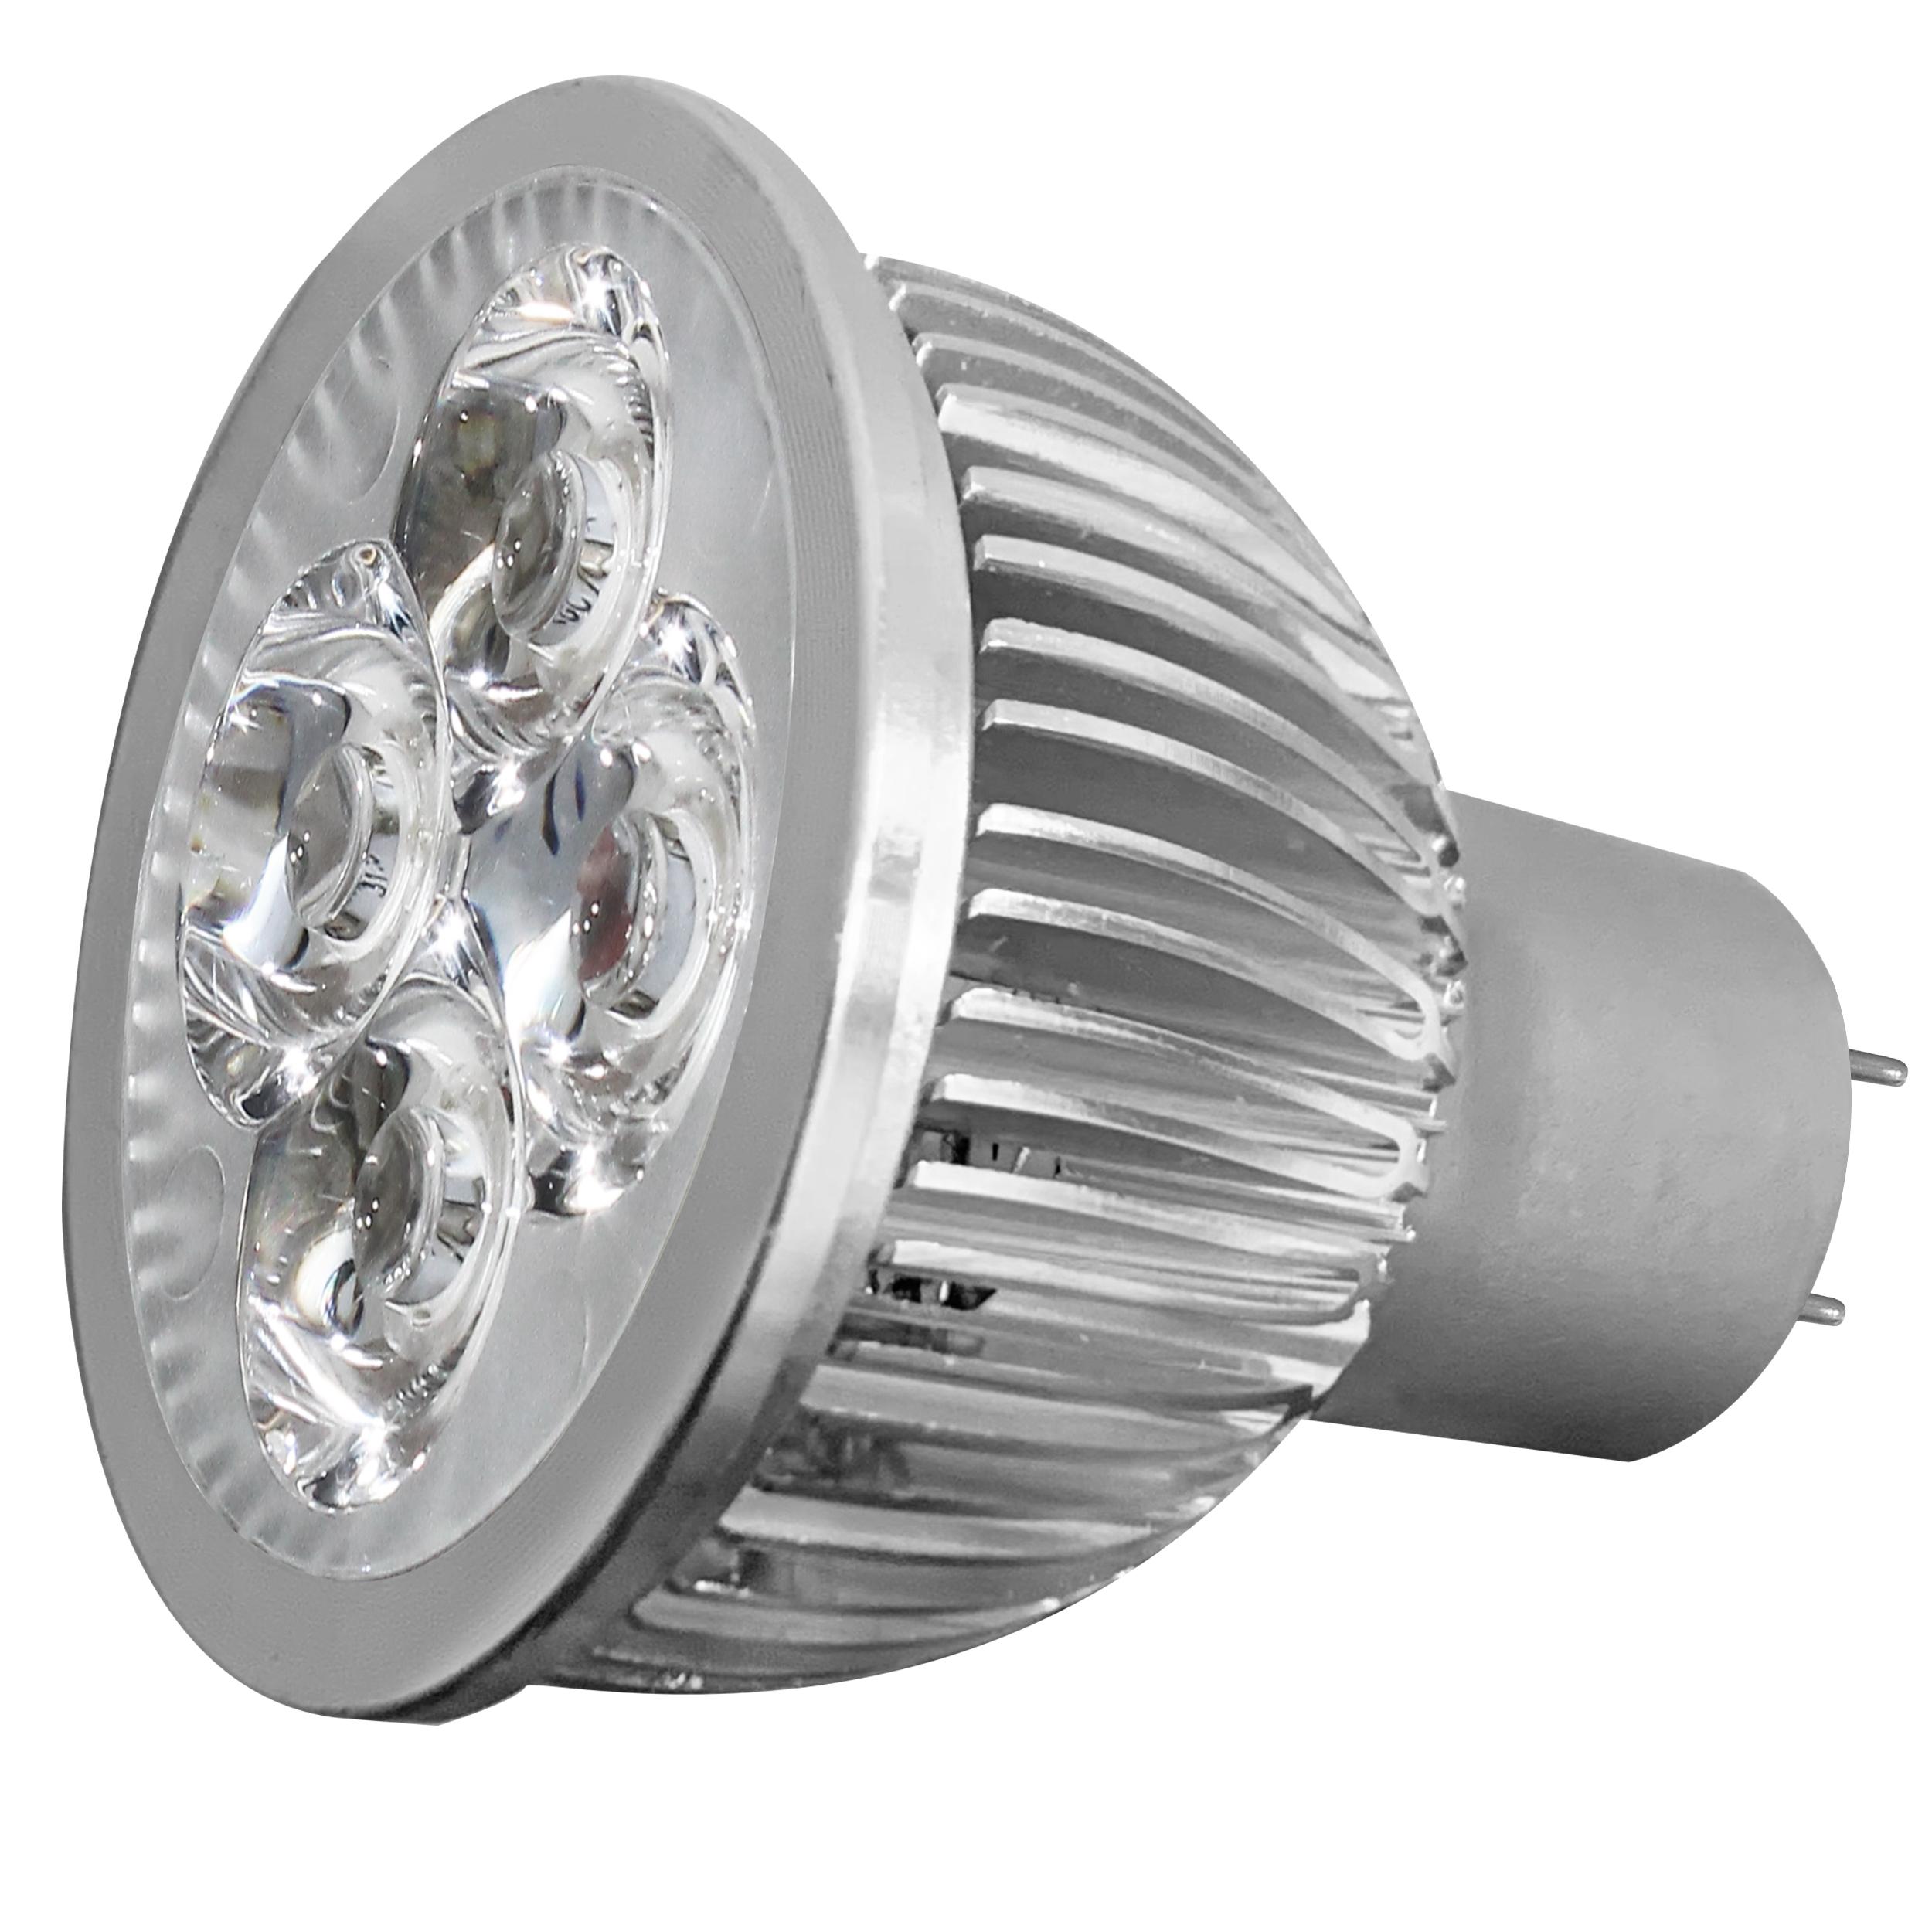 لامپ هالوژن 4 وات اف ای سی  مدل Power  پایه MR16